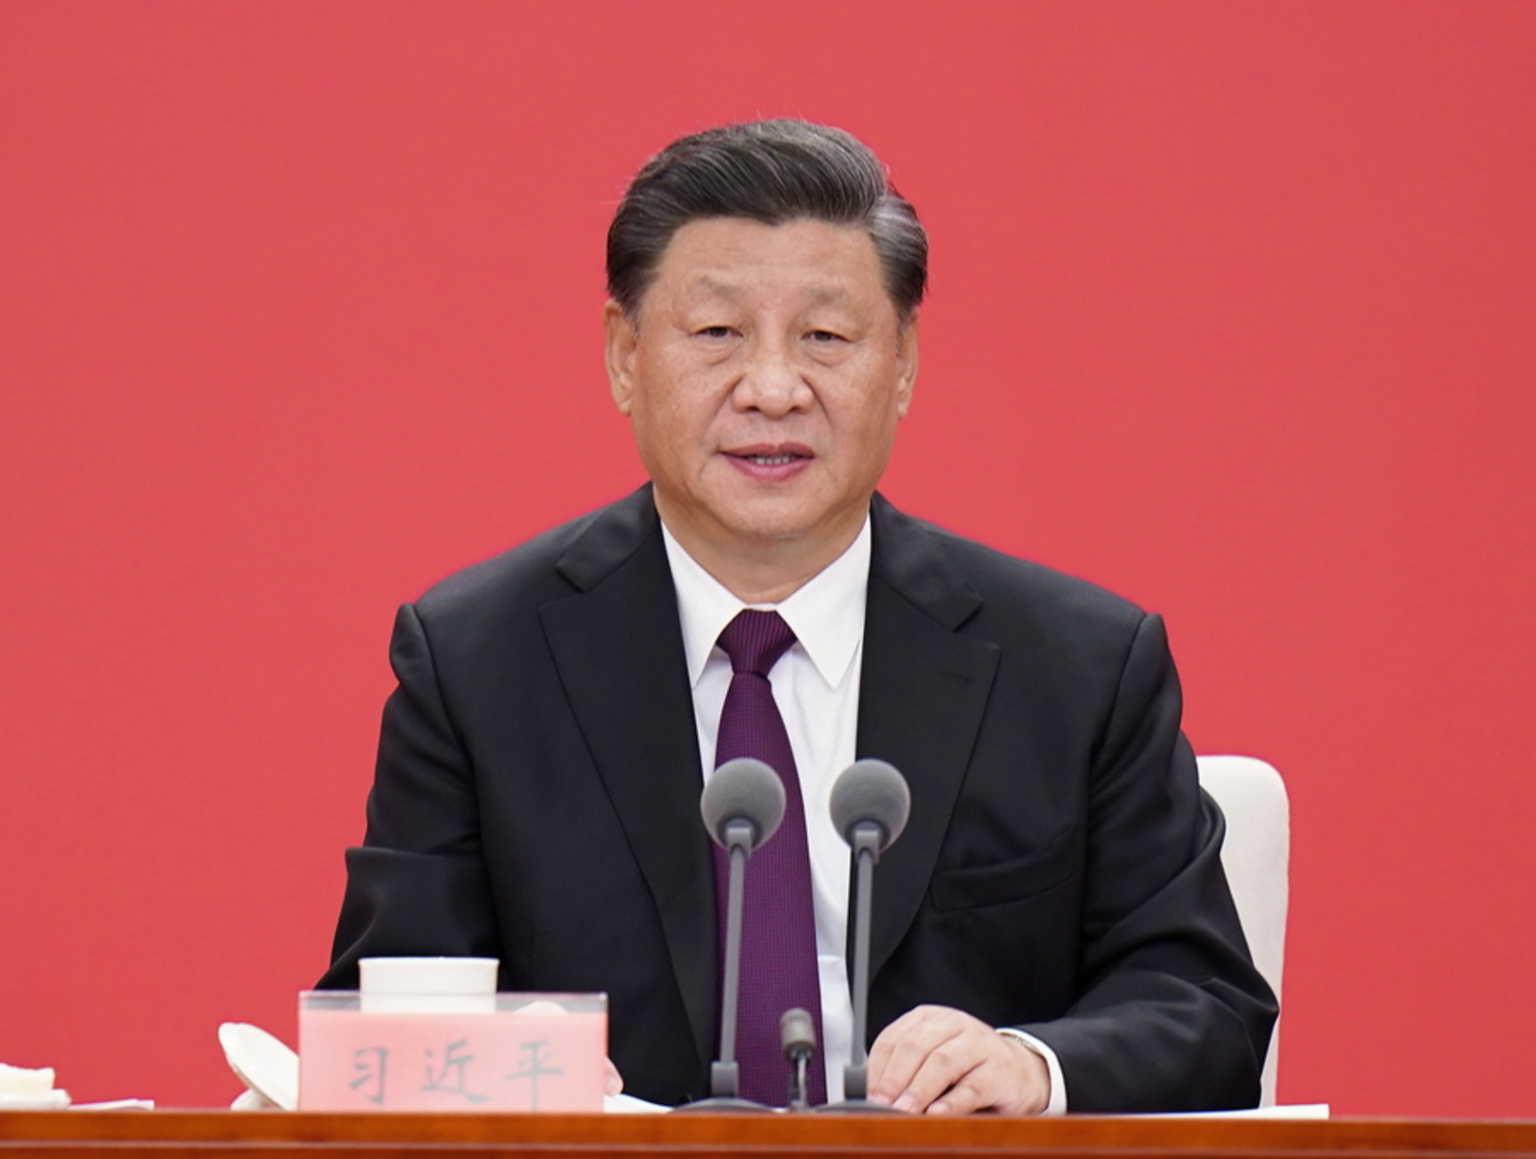 Κίνα: Ο πρόεδρος Σι Τζινπίνγκ θα βοηθήσει την Ινδία στη μάχη κατά του κορονοϊού